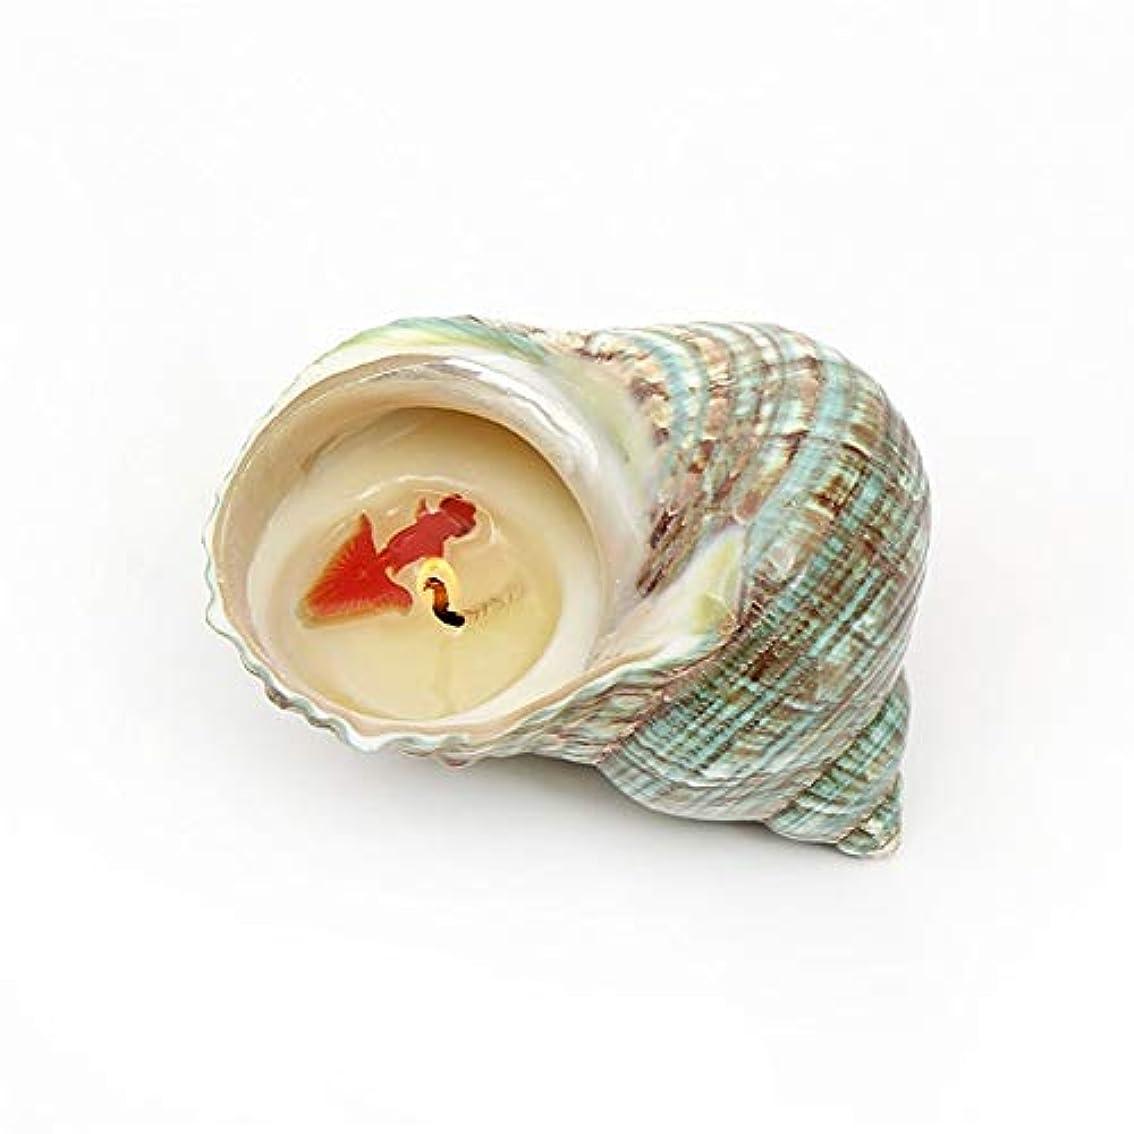 贅沢なキリンラッカスZtian 手作りのシェル金魚の香りキャンドルカップ誕生日プレゼントロマンチックな告白結婚式の装飾 (色 : Night scent)